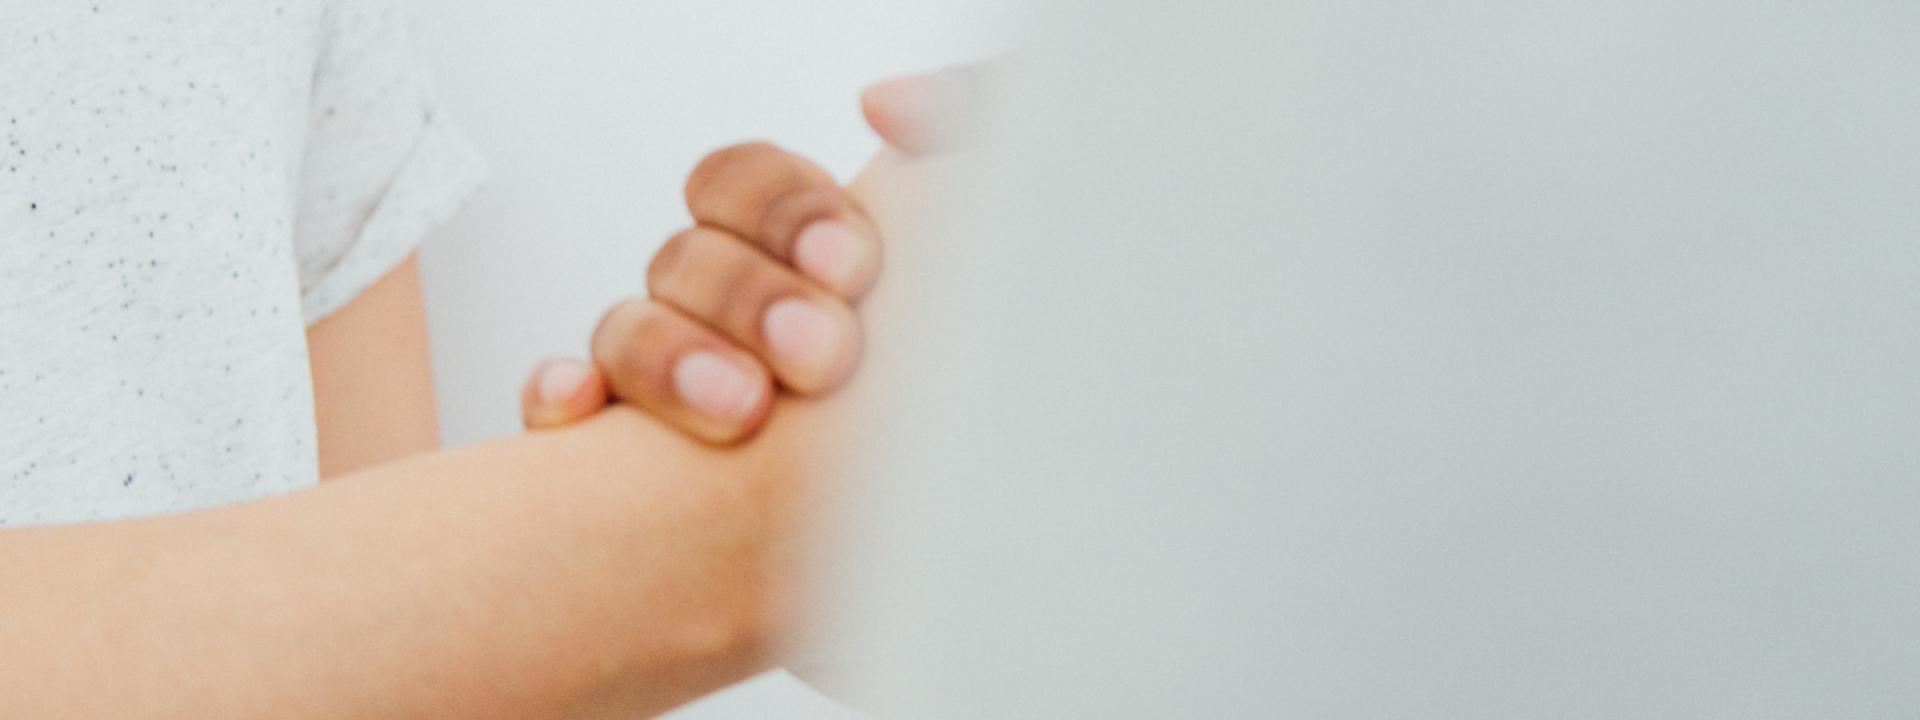 Kaksi kättä pitelemässä toisiaan. Valkoisia paitoja.